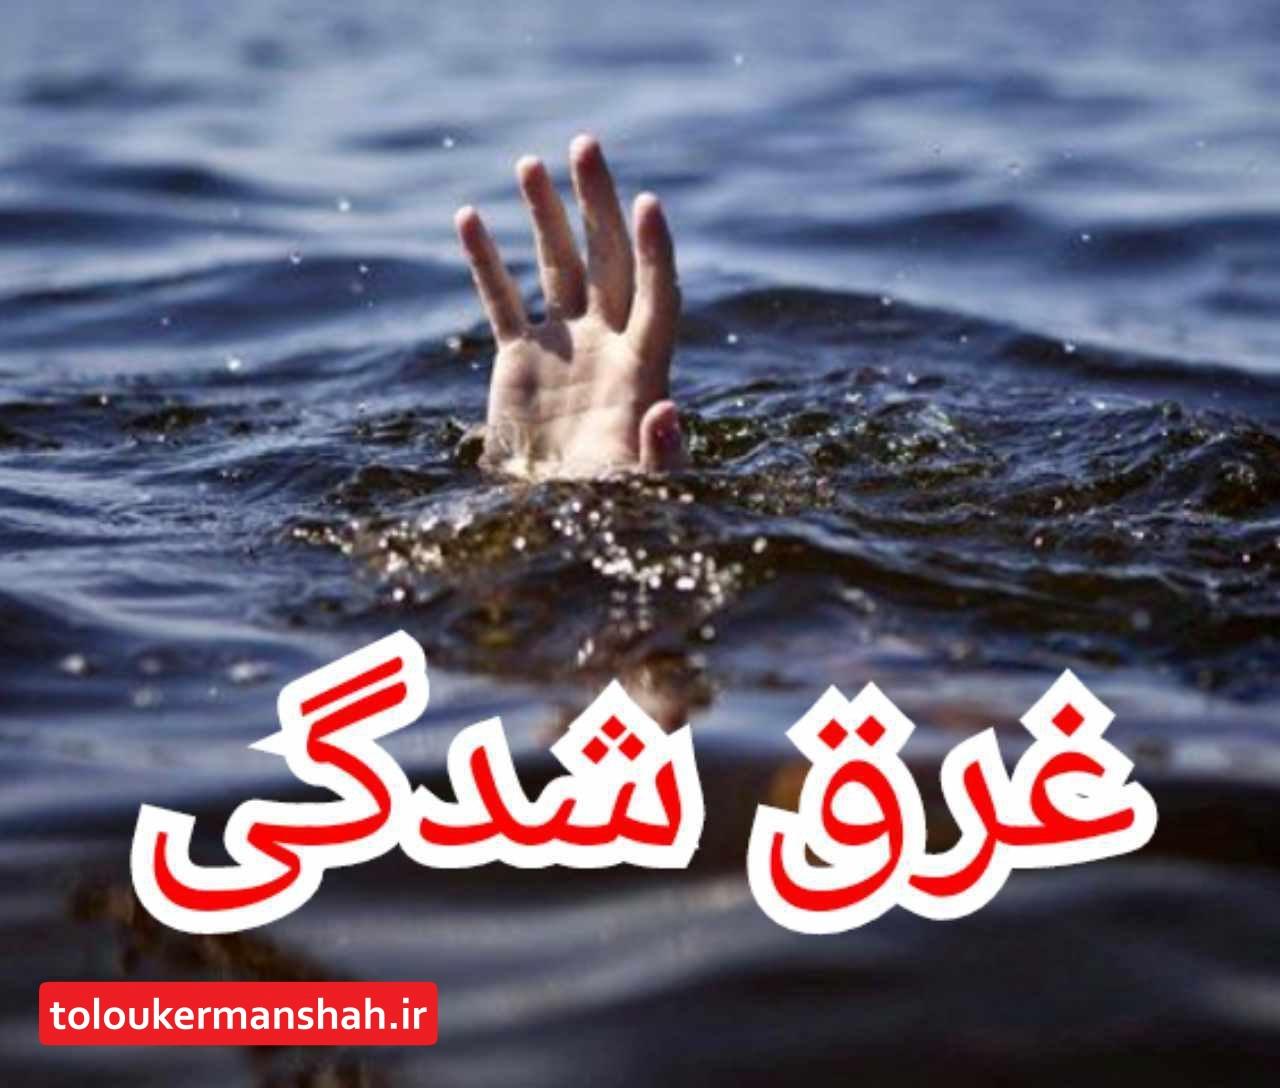 کودک ۱۲ ساله کرمانشاهی در رودخانه غرق شد